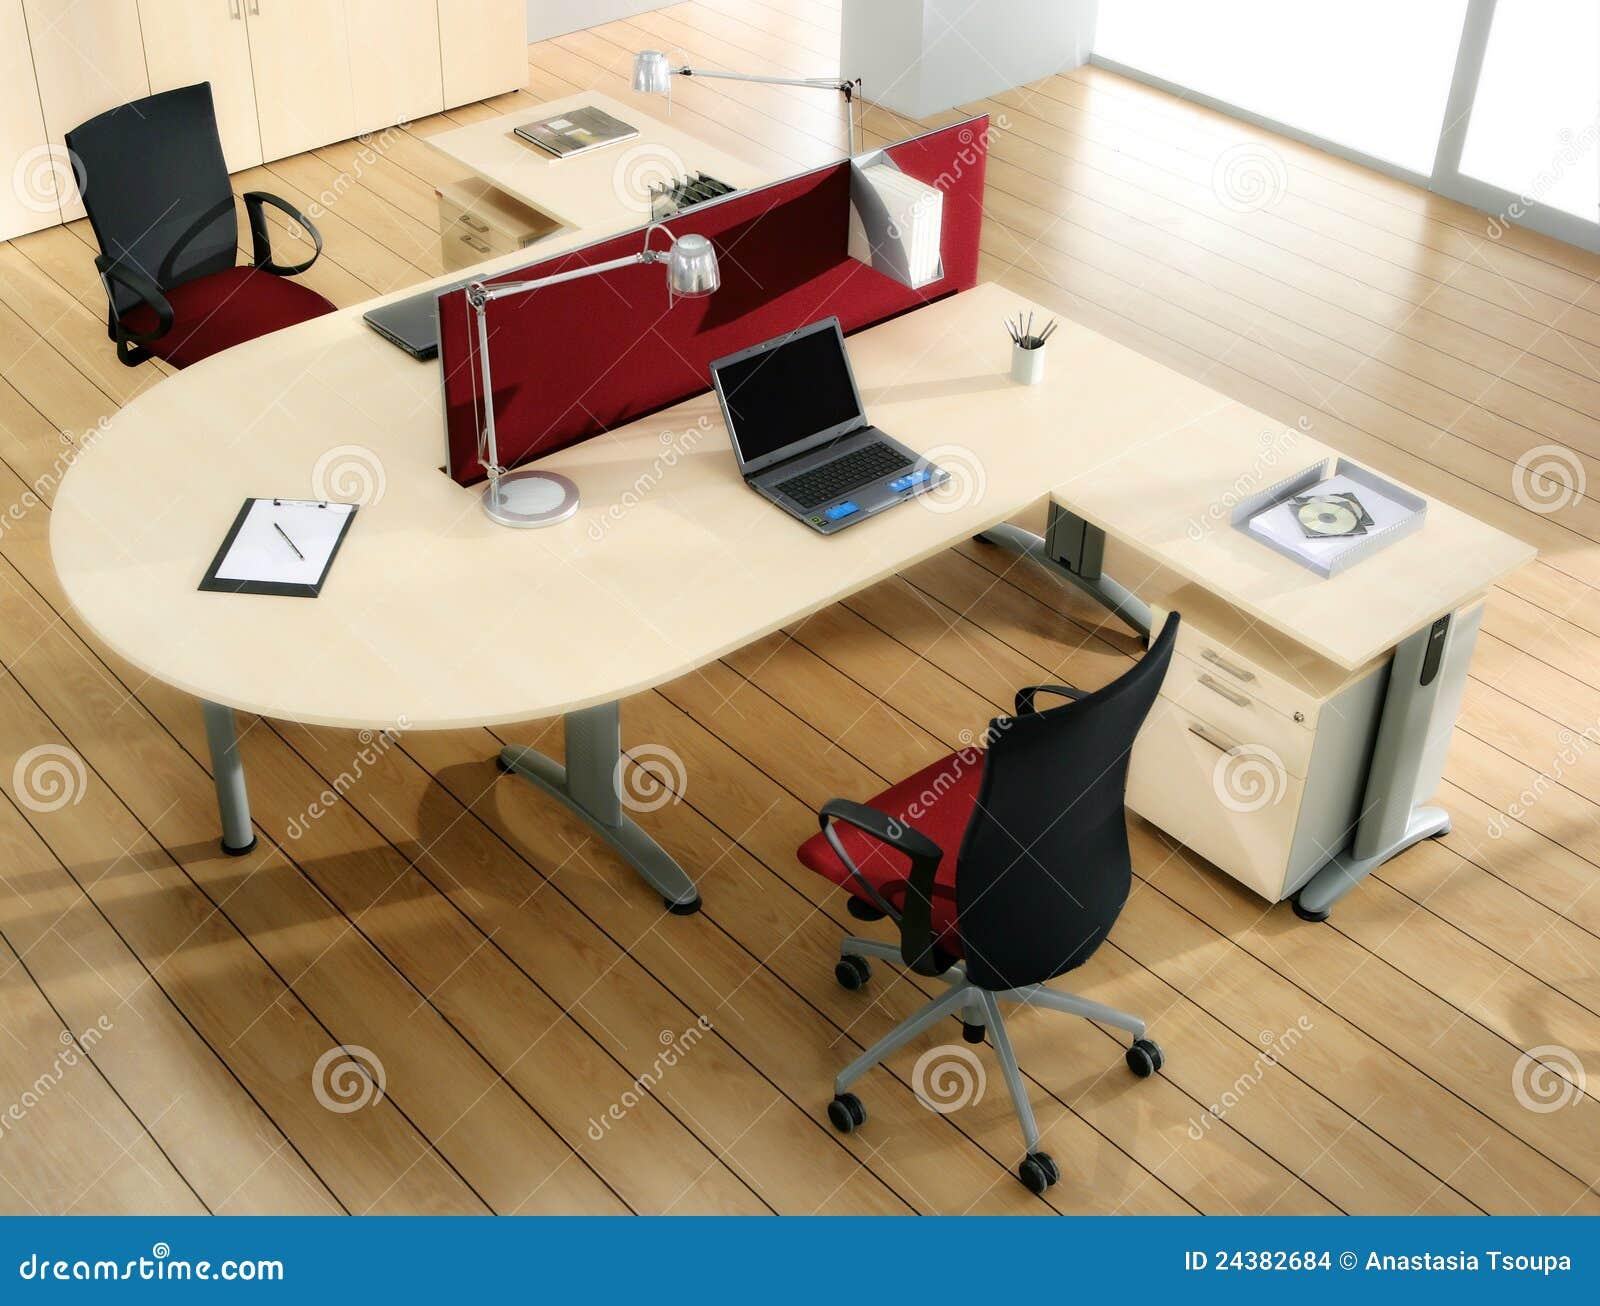 Partners Schreibtisch Mit Computern Stockfoto - Bild von armlehnen ...